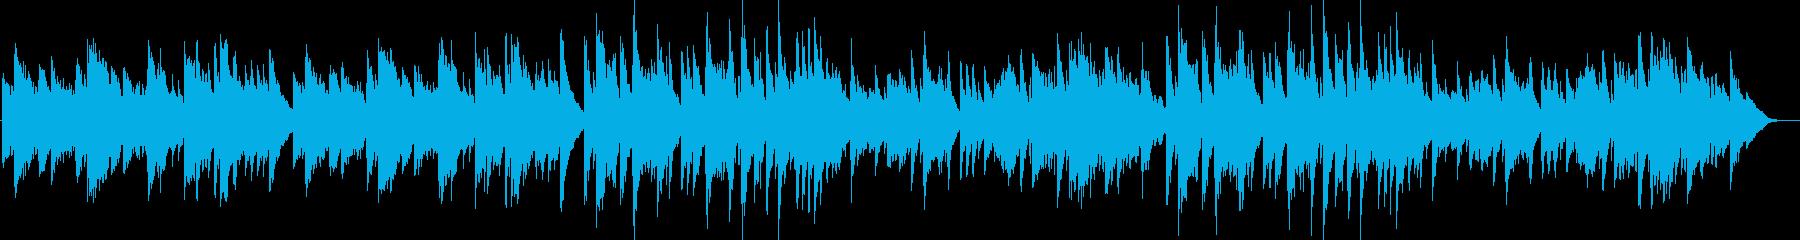 優しさと温かさを感じるスローピアノ曲の再生済みの波形